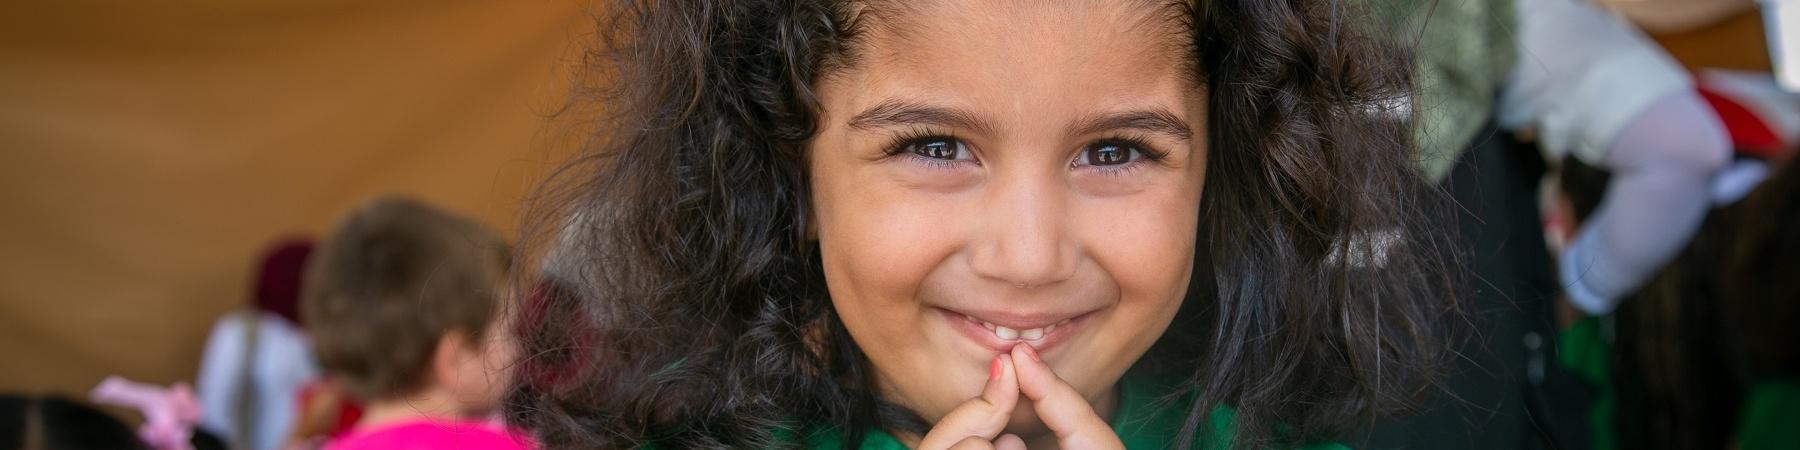 Foto mezzo busto bambina riccia con fiocco azzurro in testa e con le mani giunte davanti alla bocca